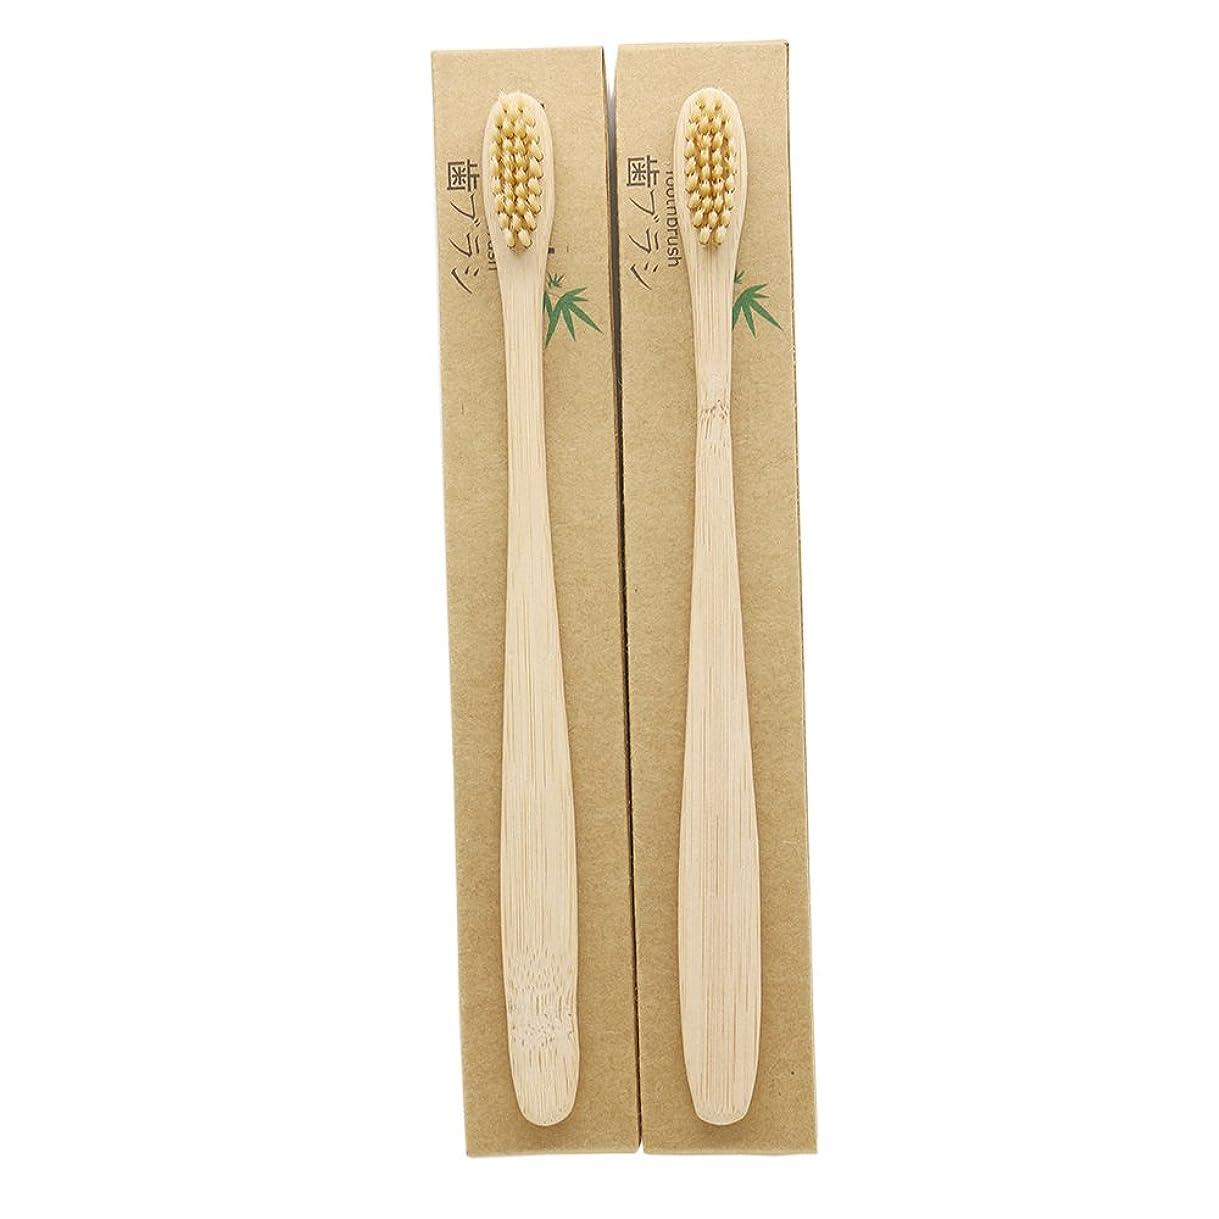 ビバ管理しますうれしいN-amboo 竹製耐久度高い 歯ブラシ 2本入り セット エコ ヘッド小さい クリ—ム色